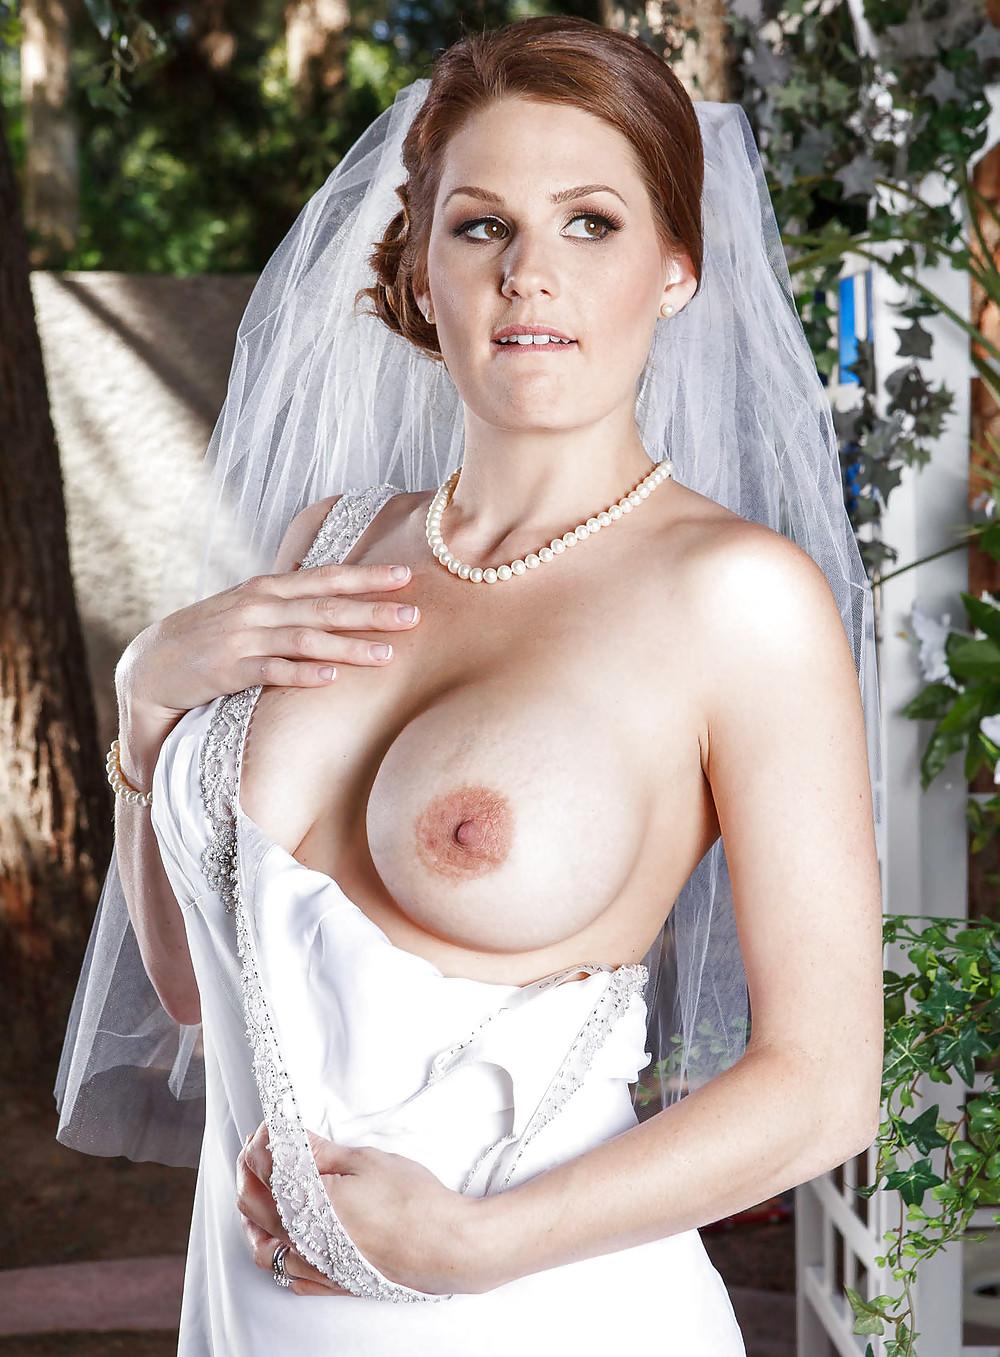 Оргазмы свадебные сиськи фото